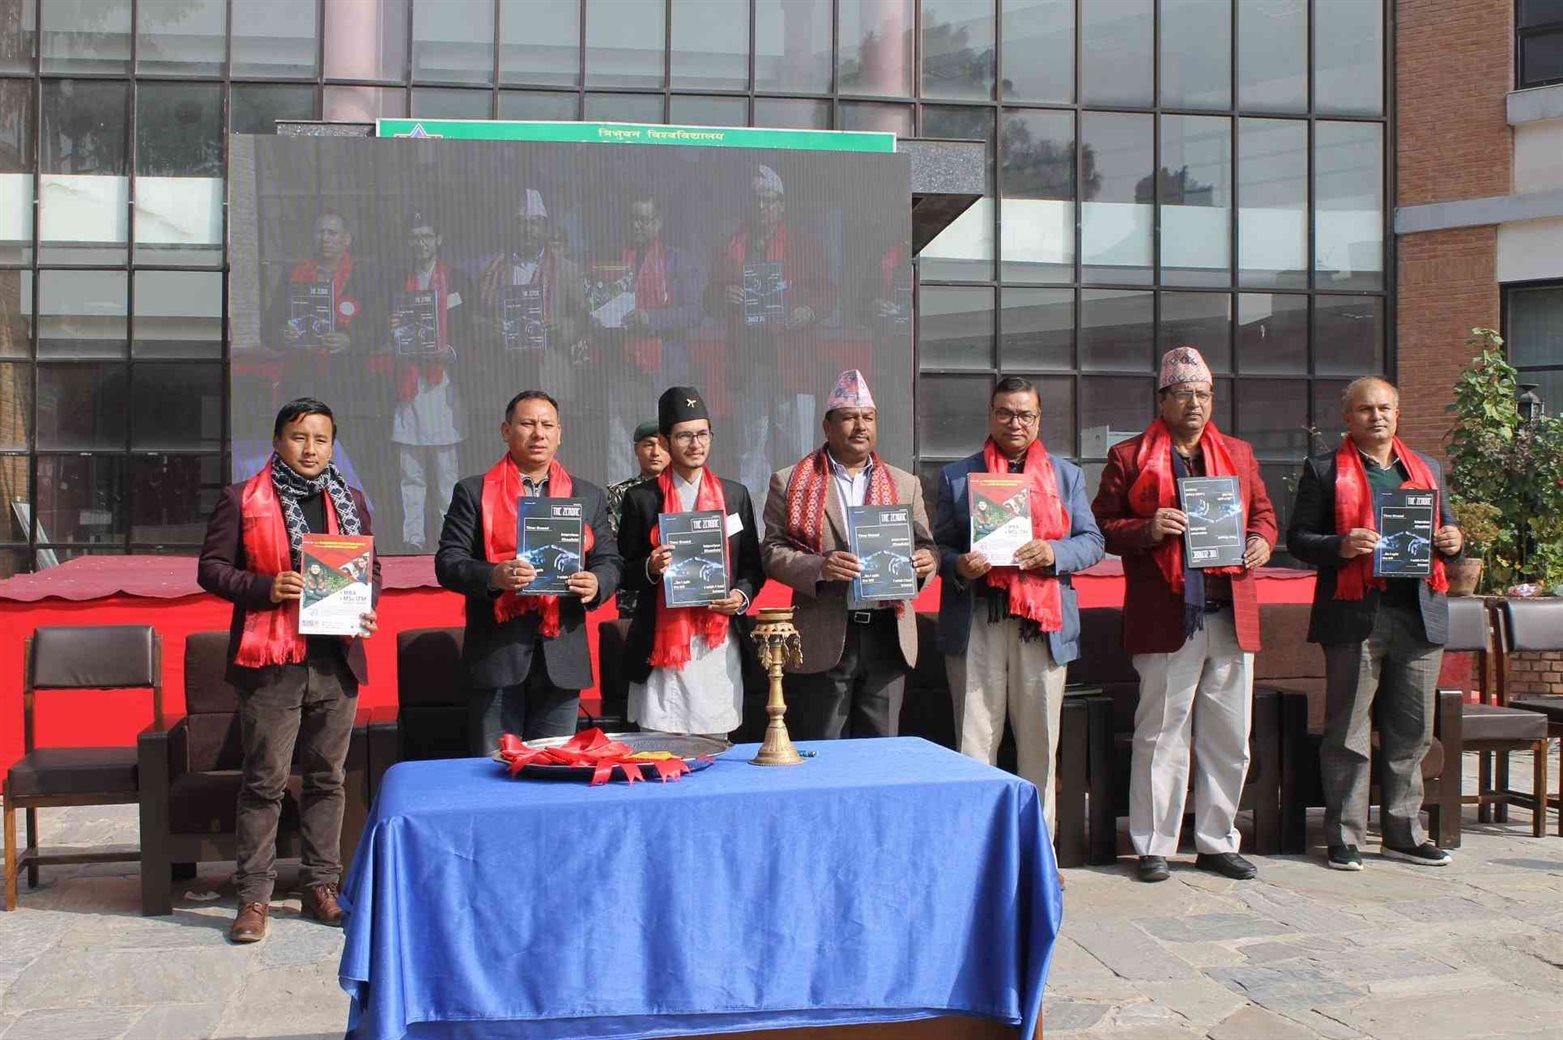 LOCUS 2020 Pulchowk Campus